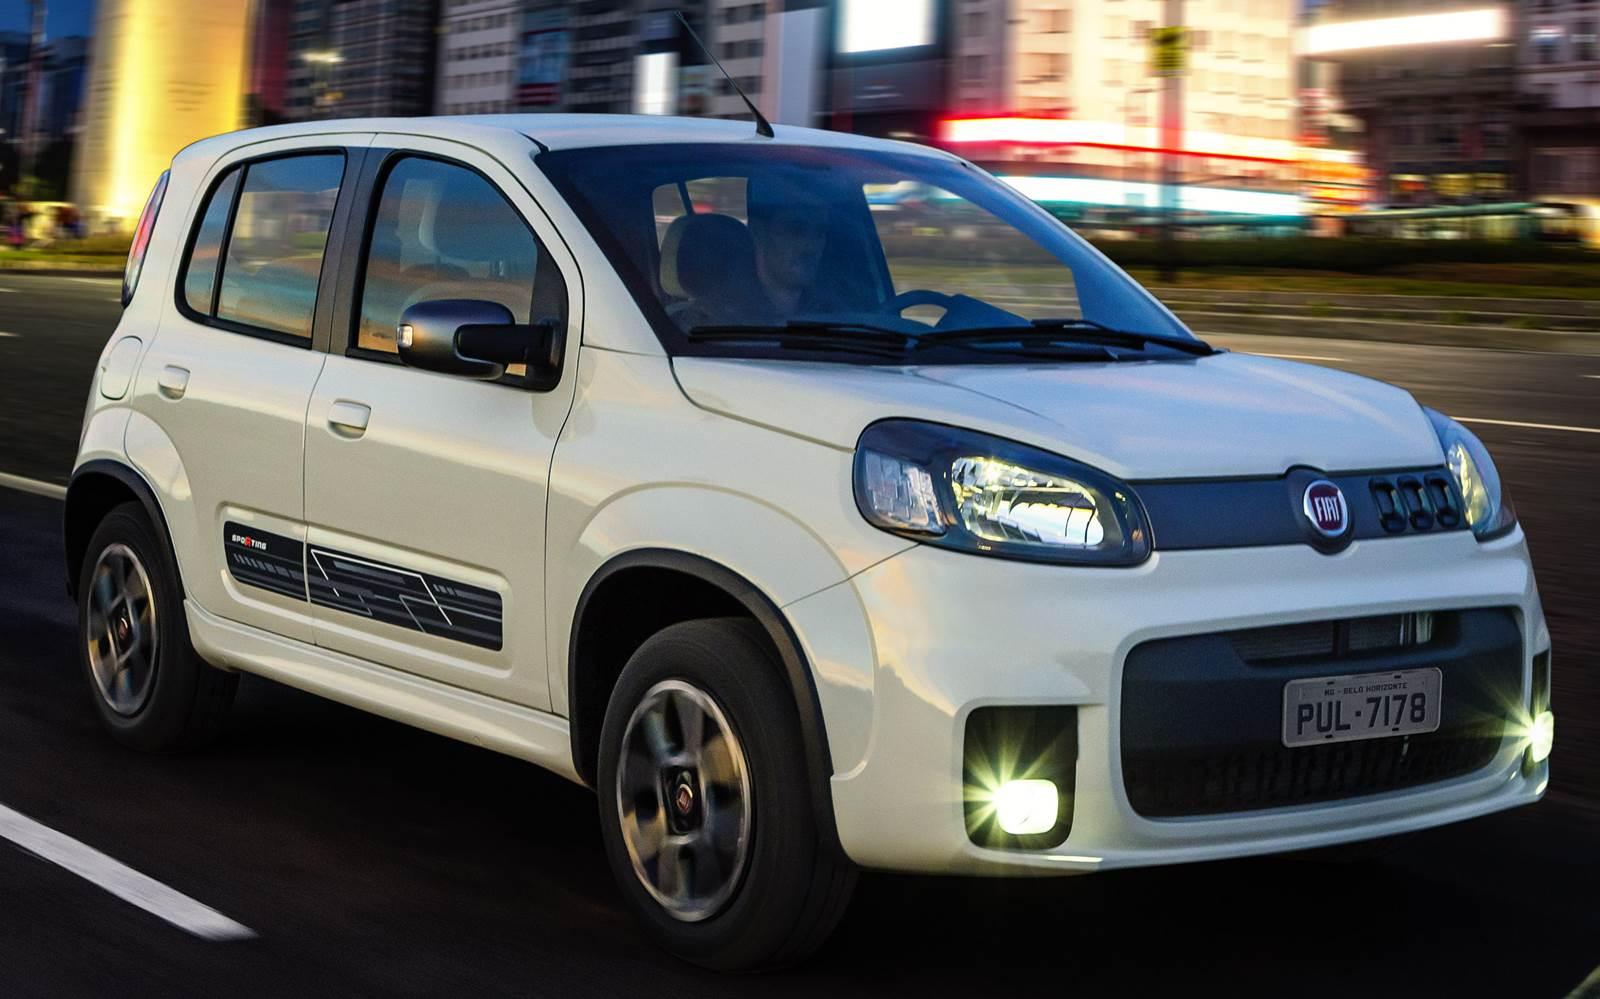 Fiat Uno 2015 http://www.cantinhojutavares.com